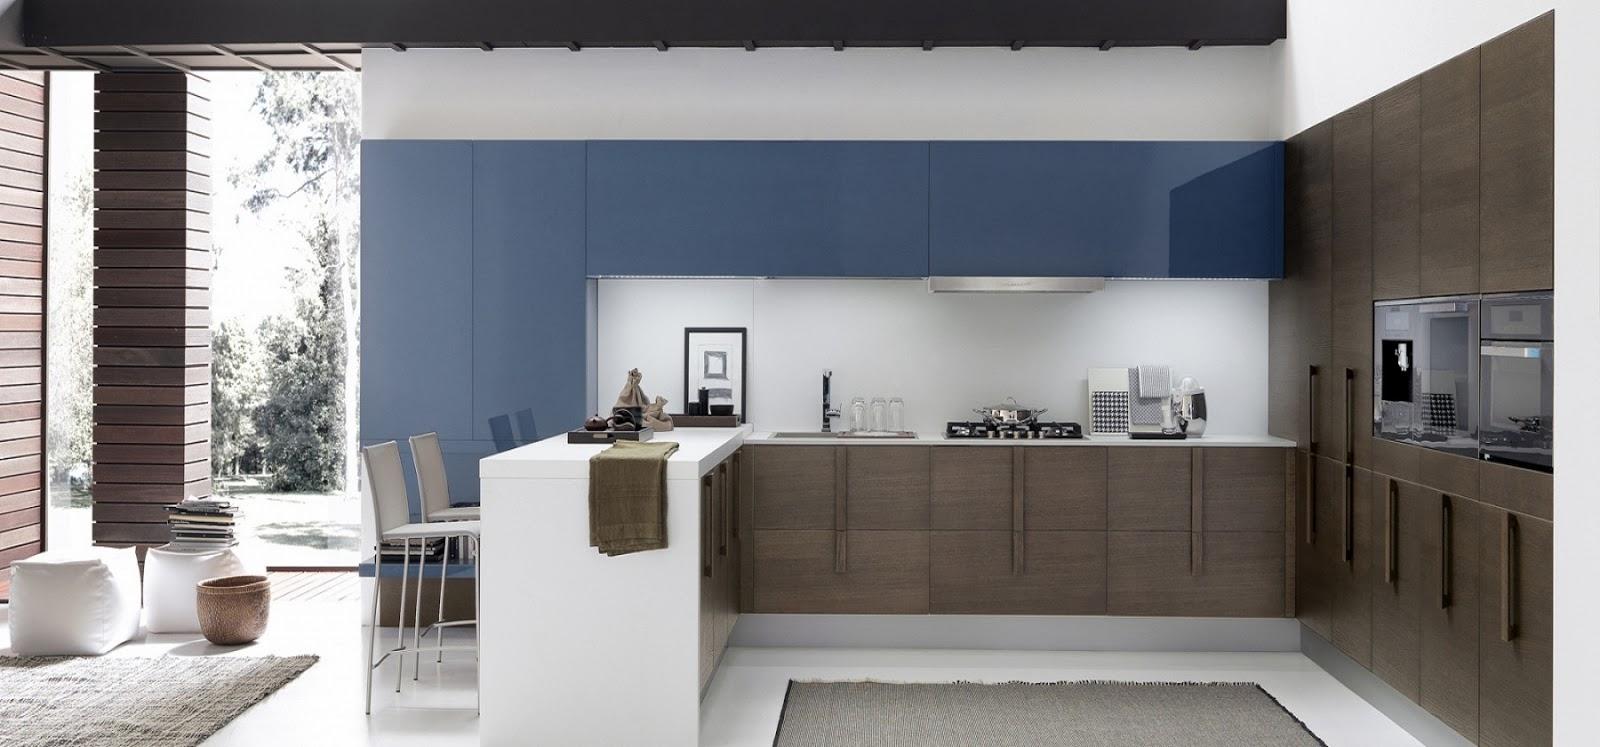 10 consejos que no se deben olvidar al reformar la cocina Consejos para reformar una vivienda